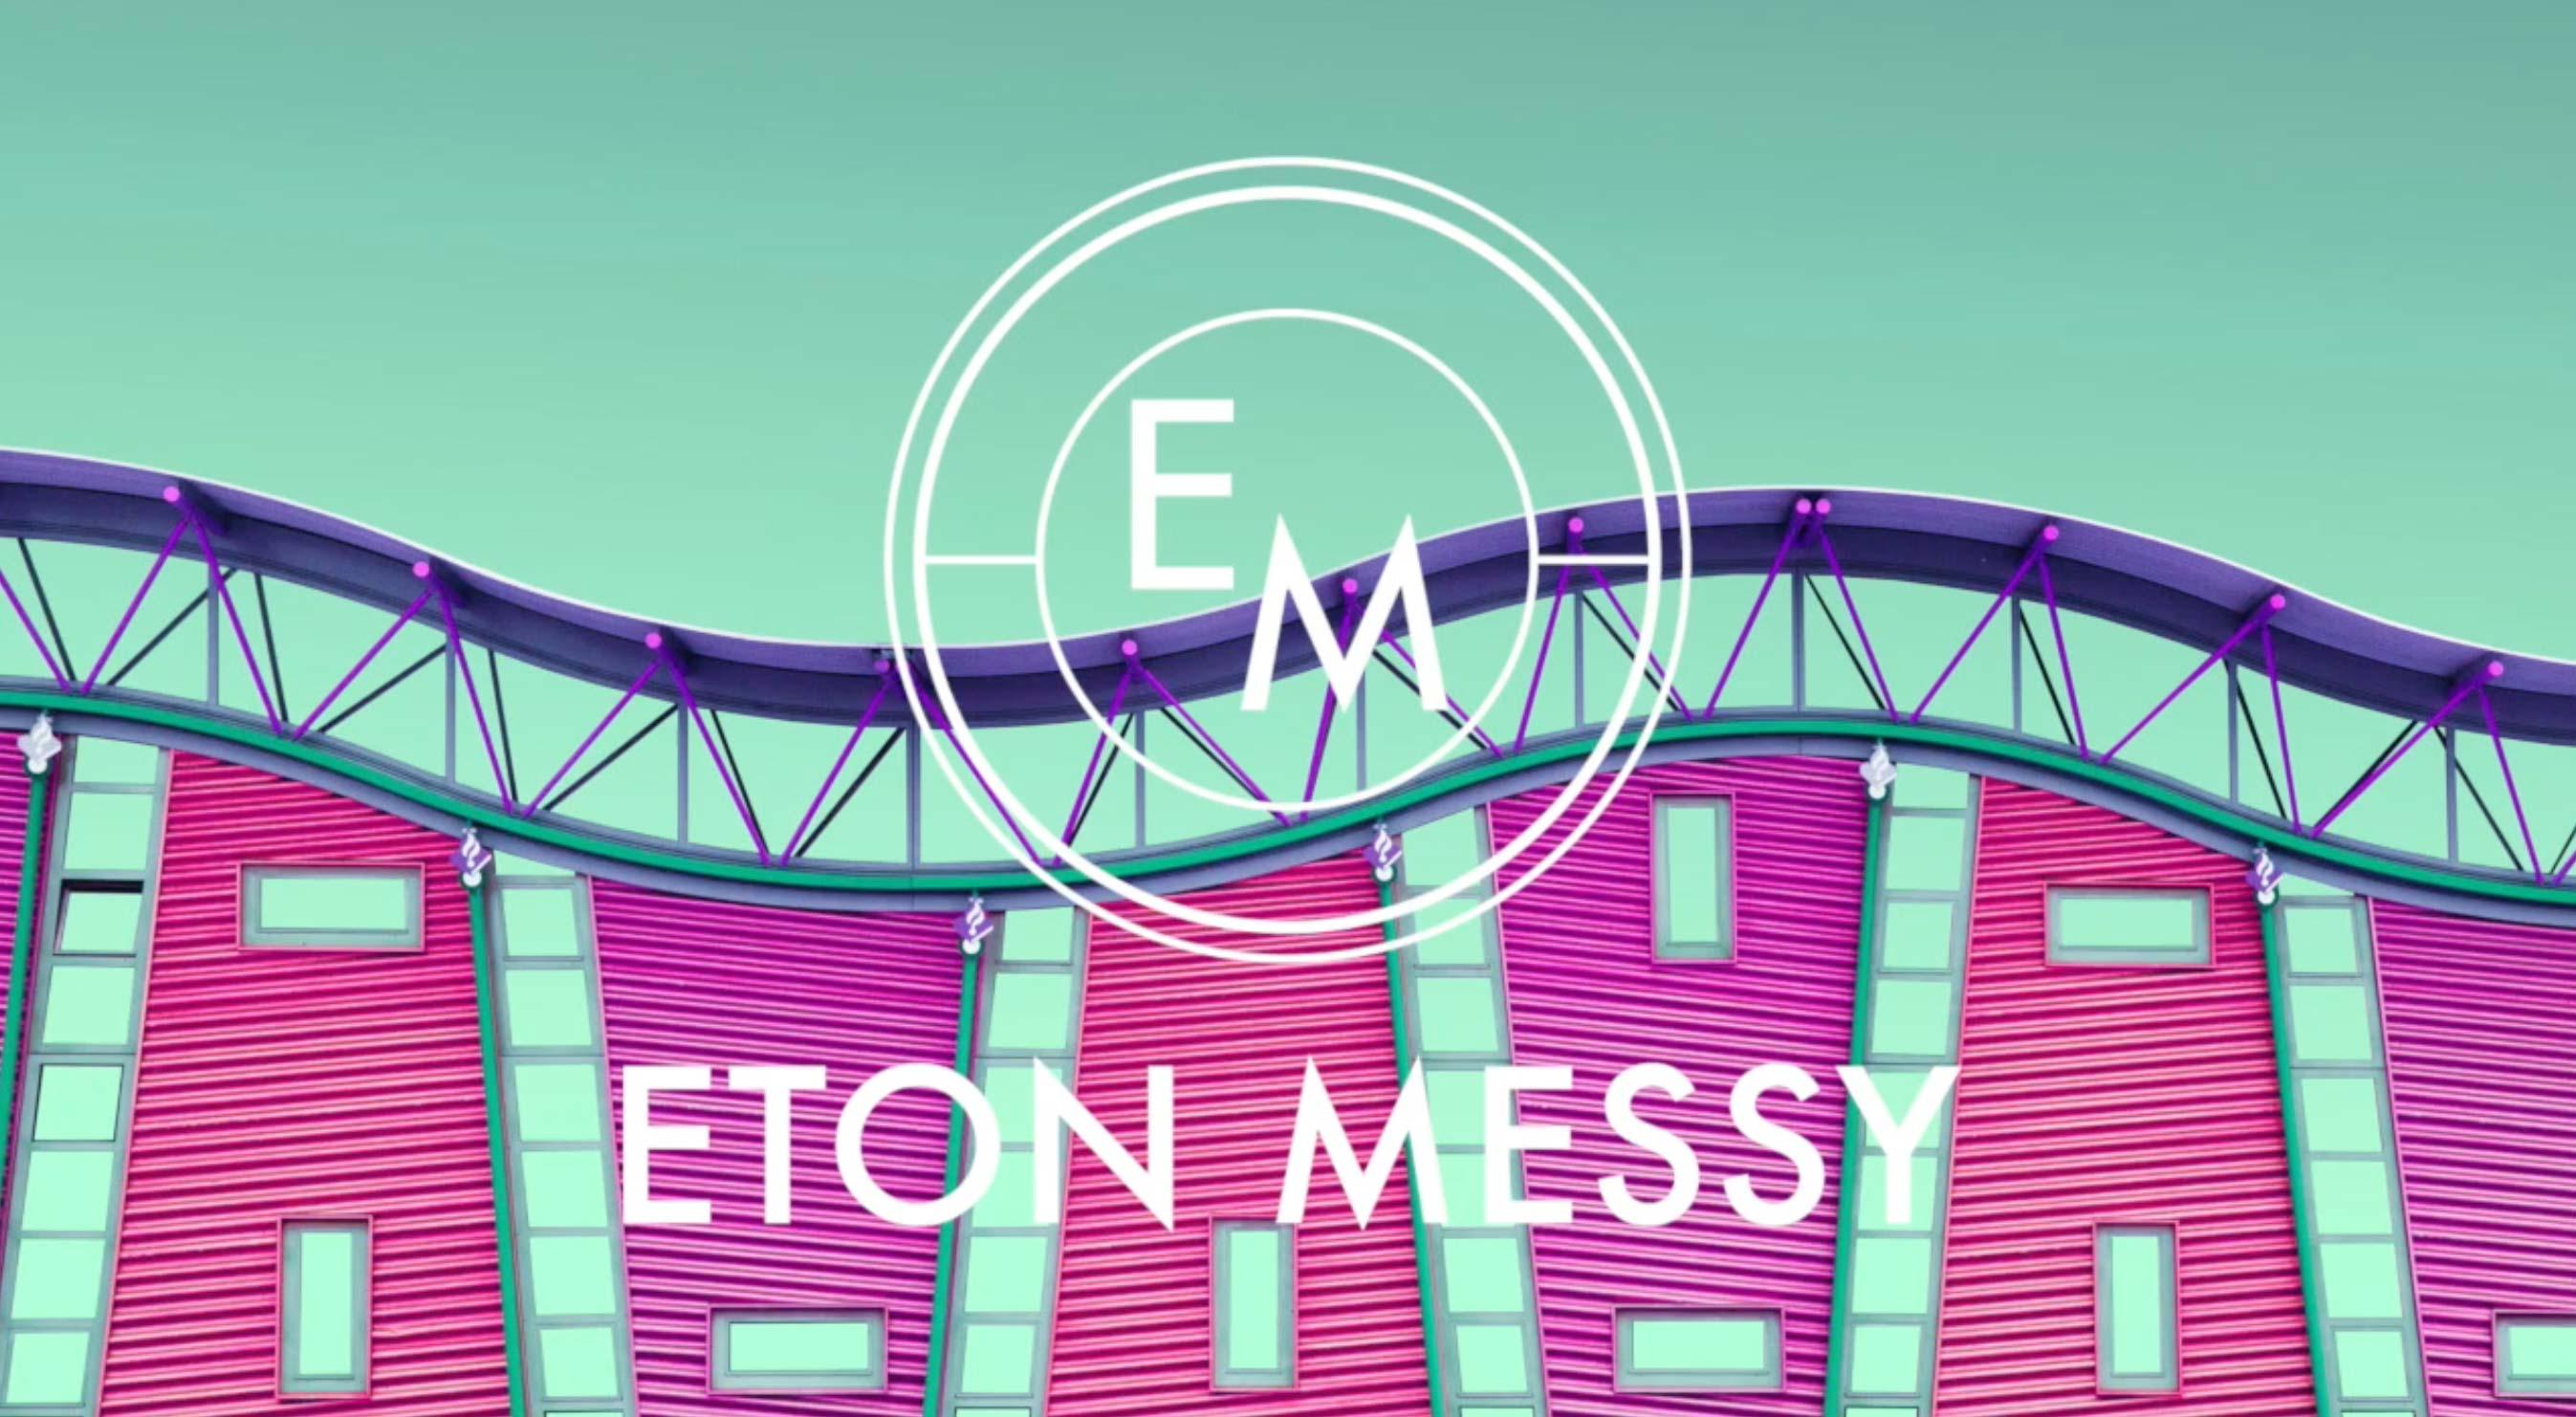 Eton Messy premieres Ros T ' HOO! HOO!'